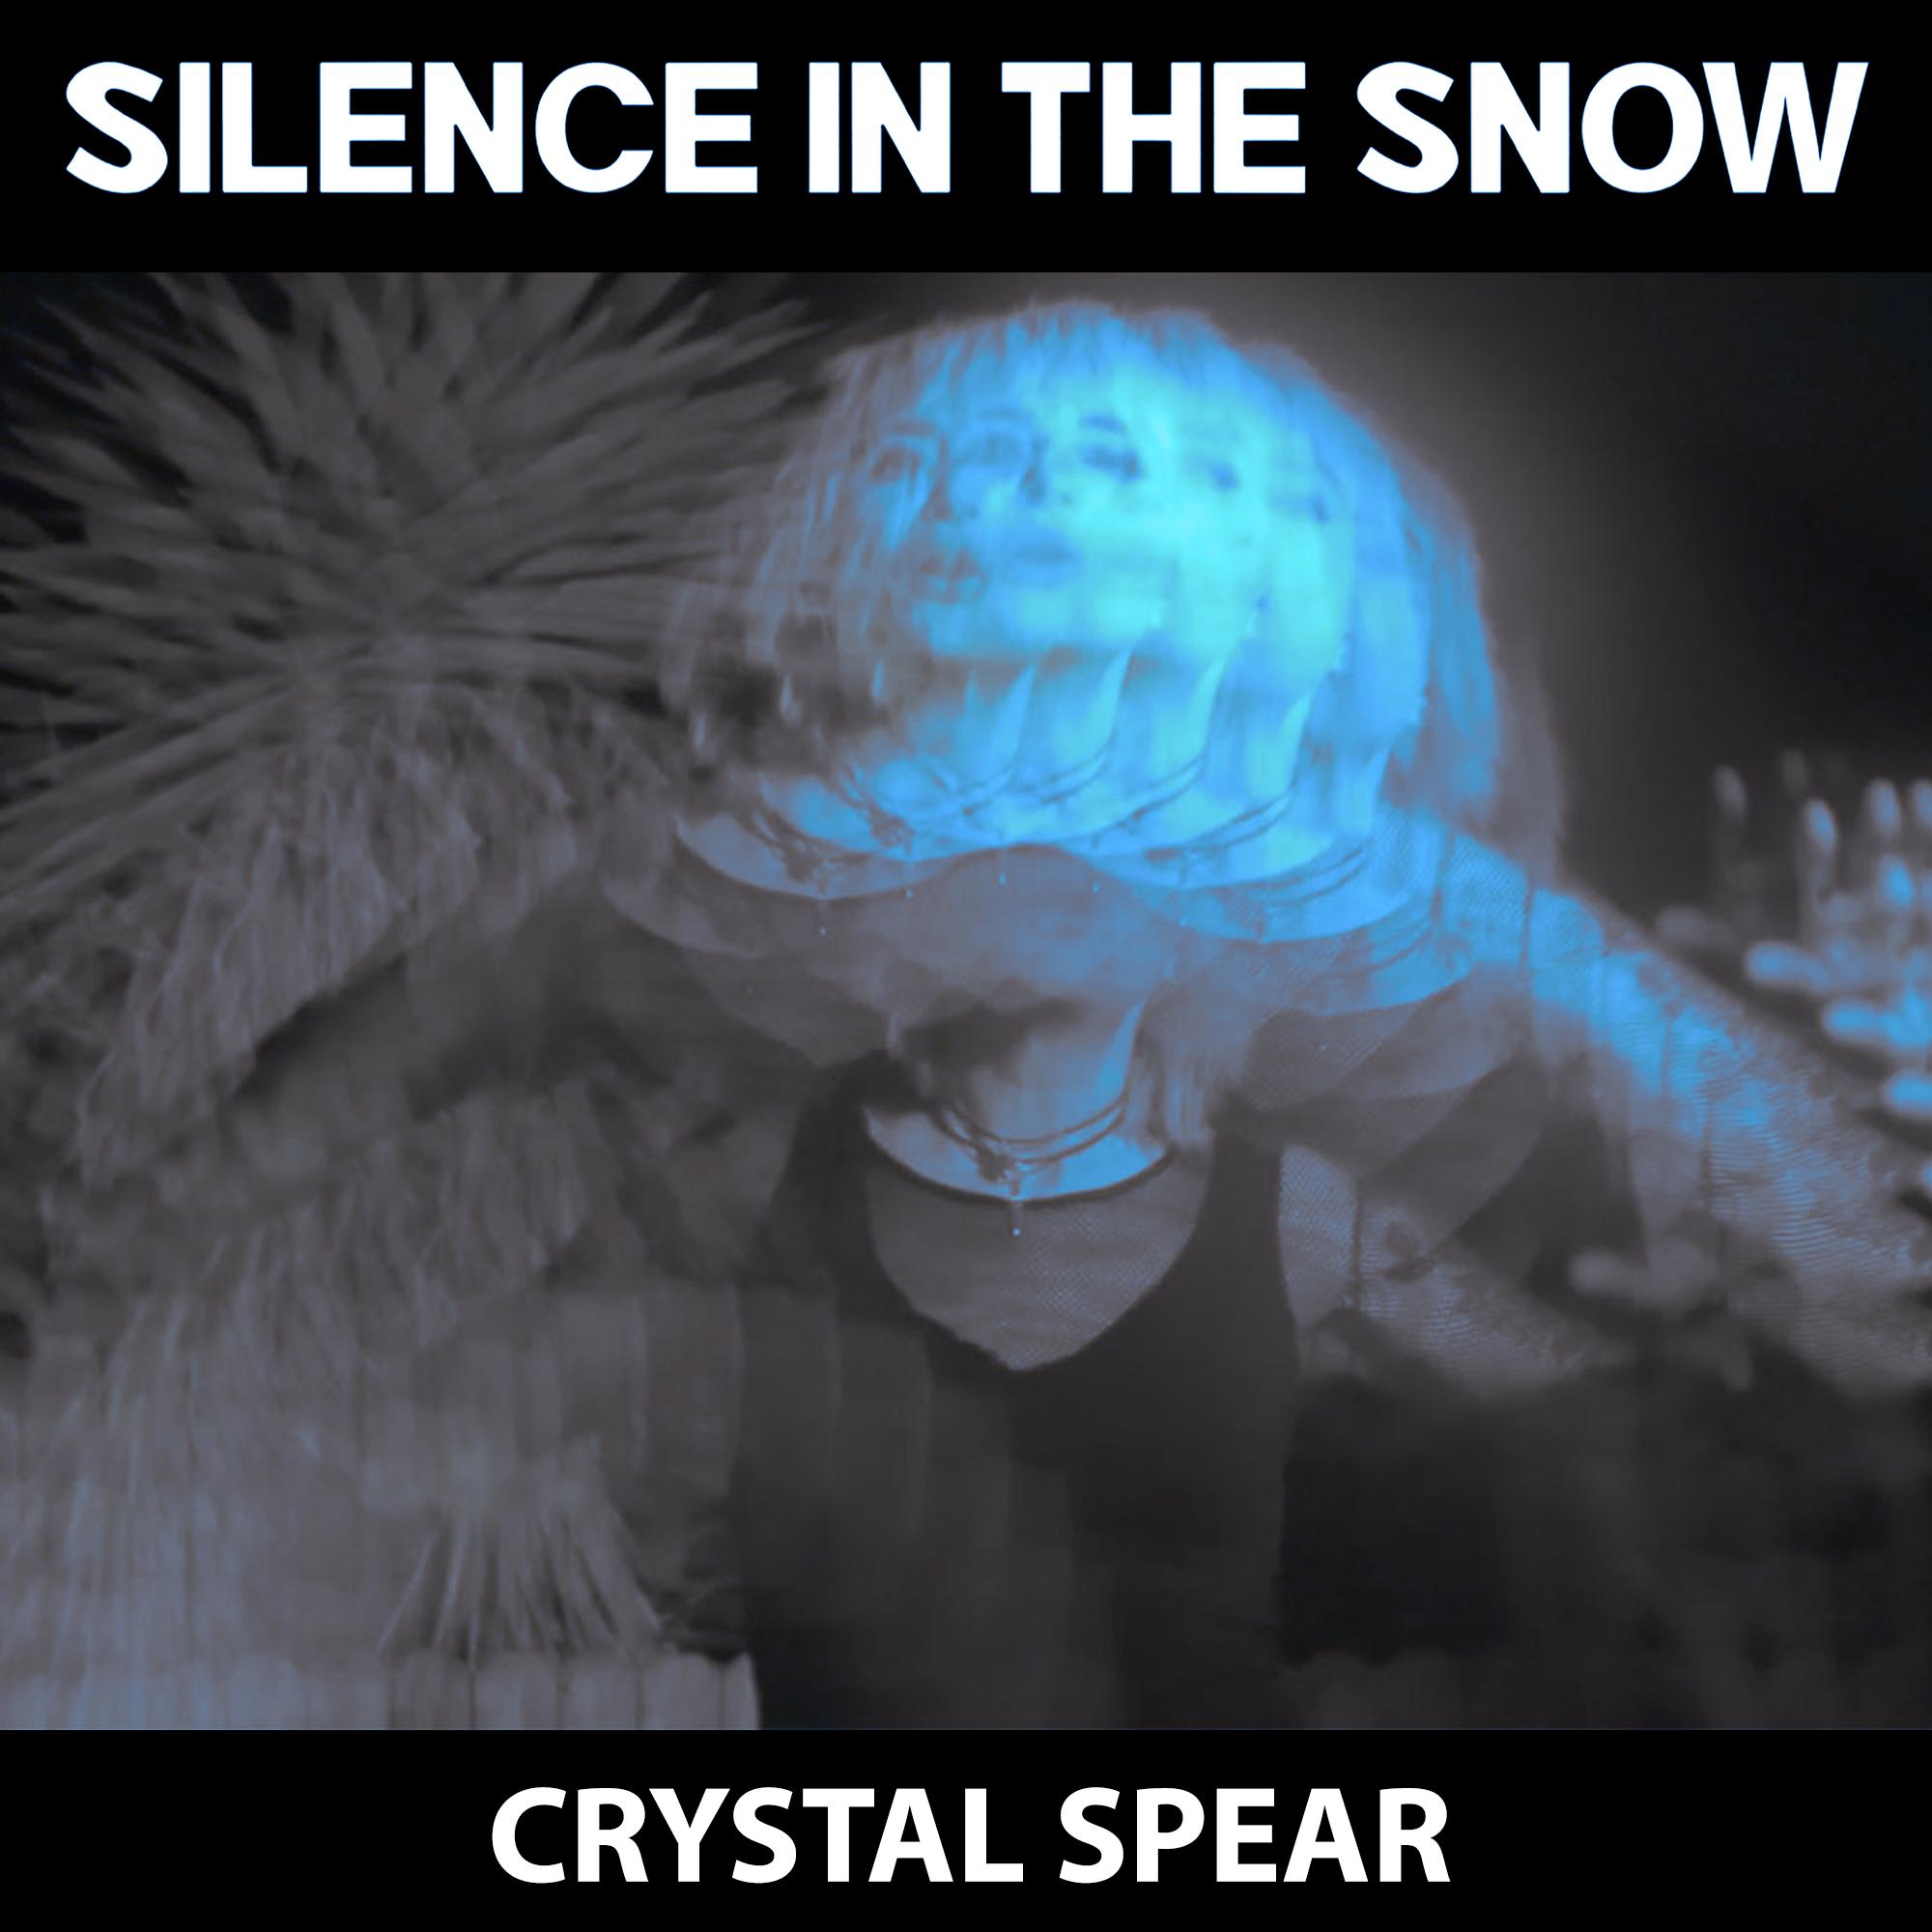 SITSdigitalsingle_crystalspear copy.jpg